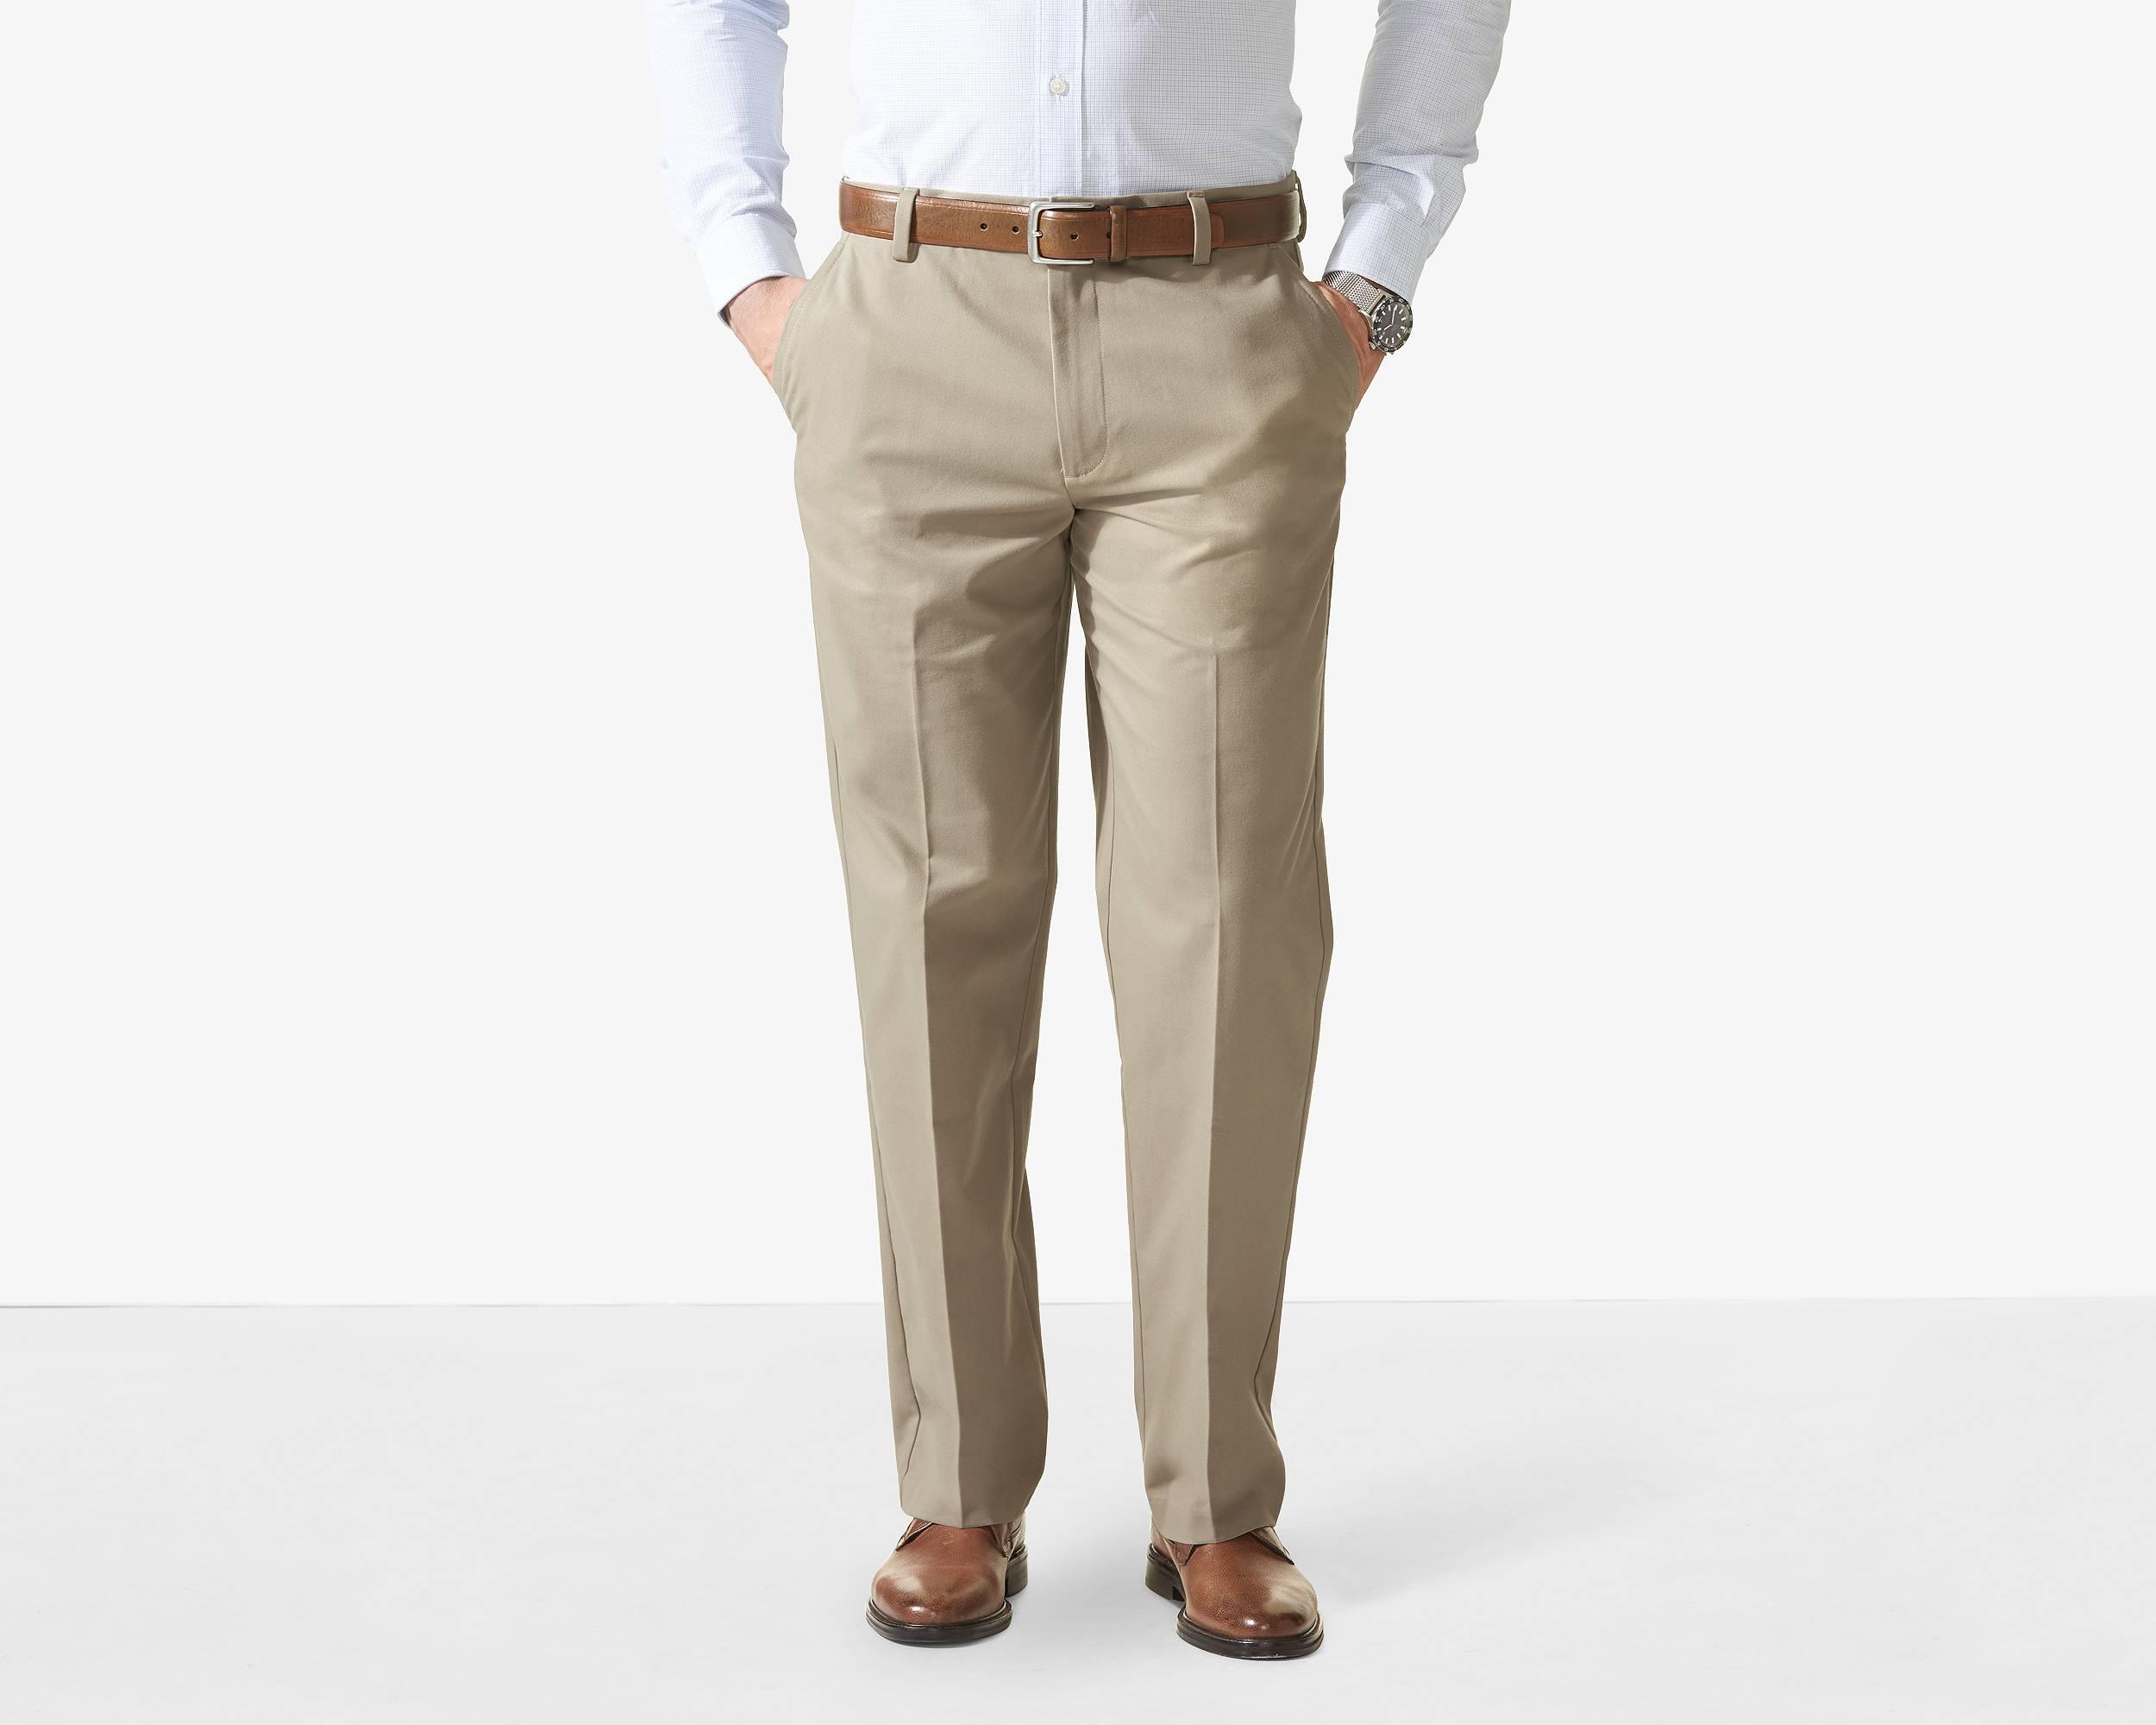 khakis men s clothing shoes accessories dockers reg  image url